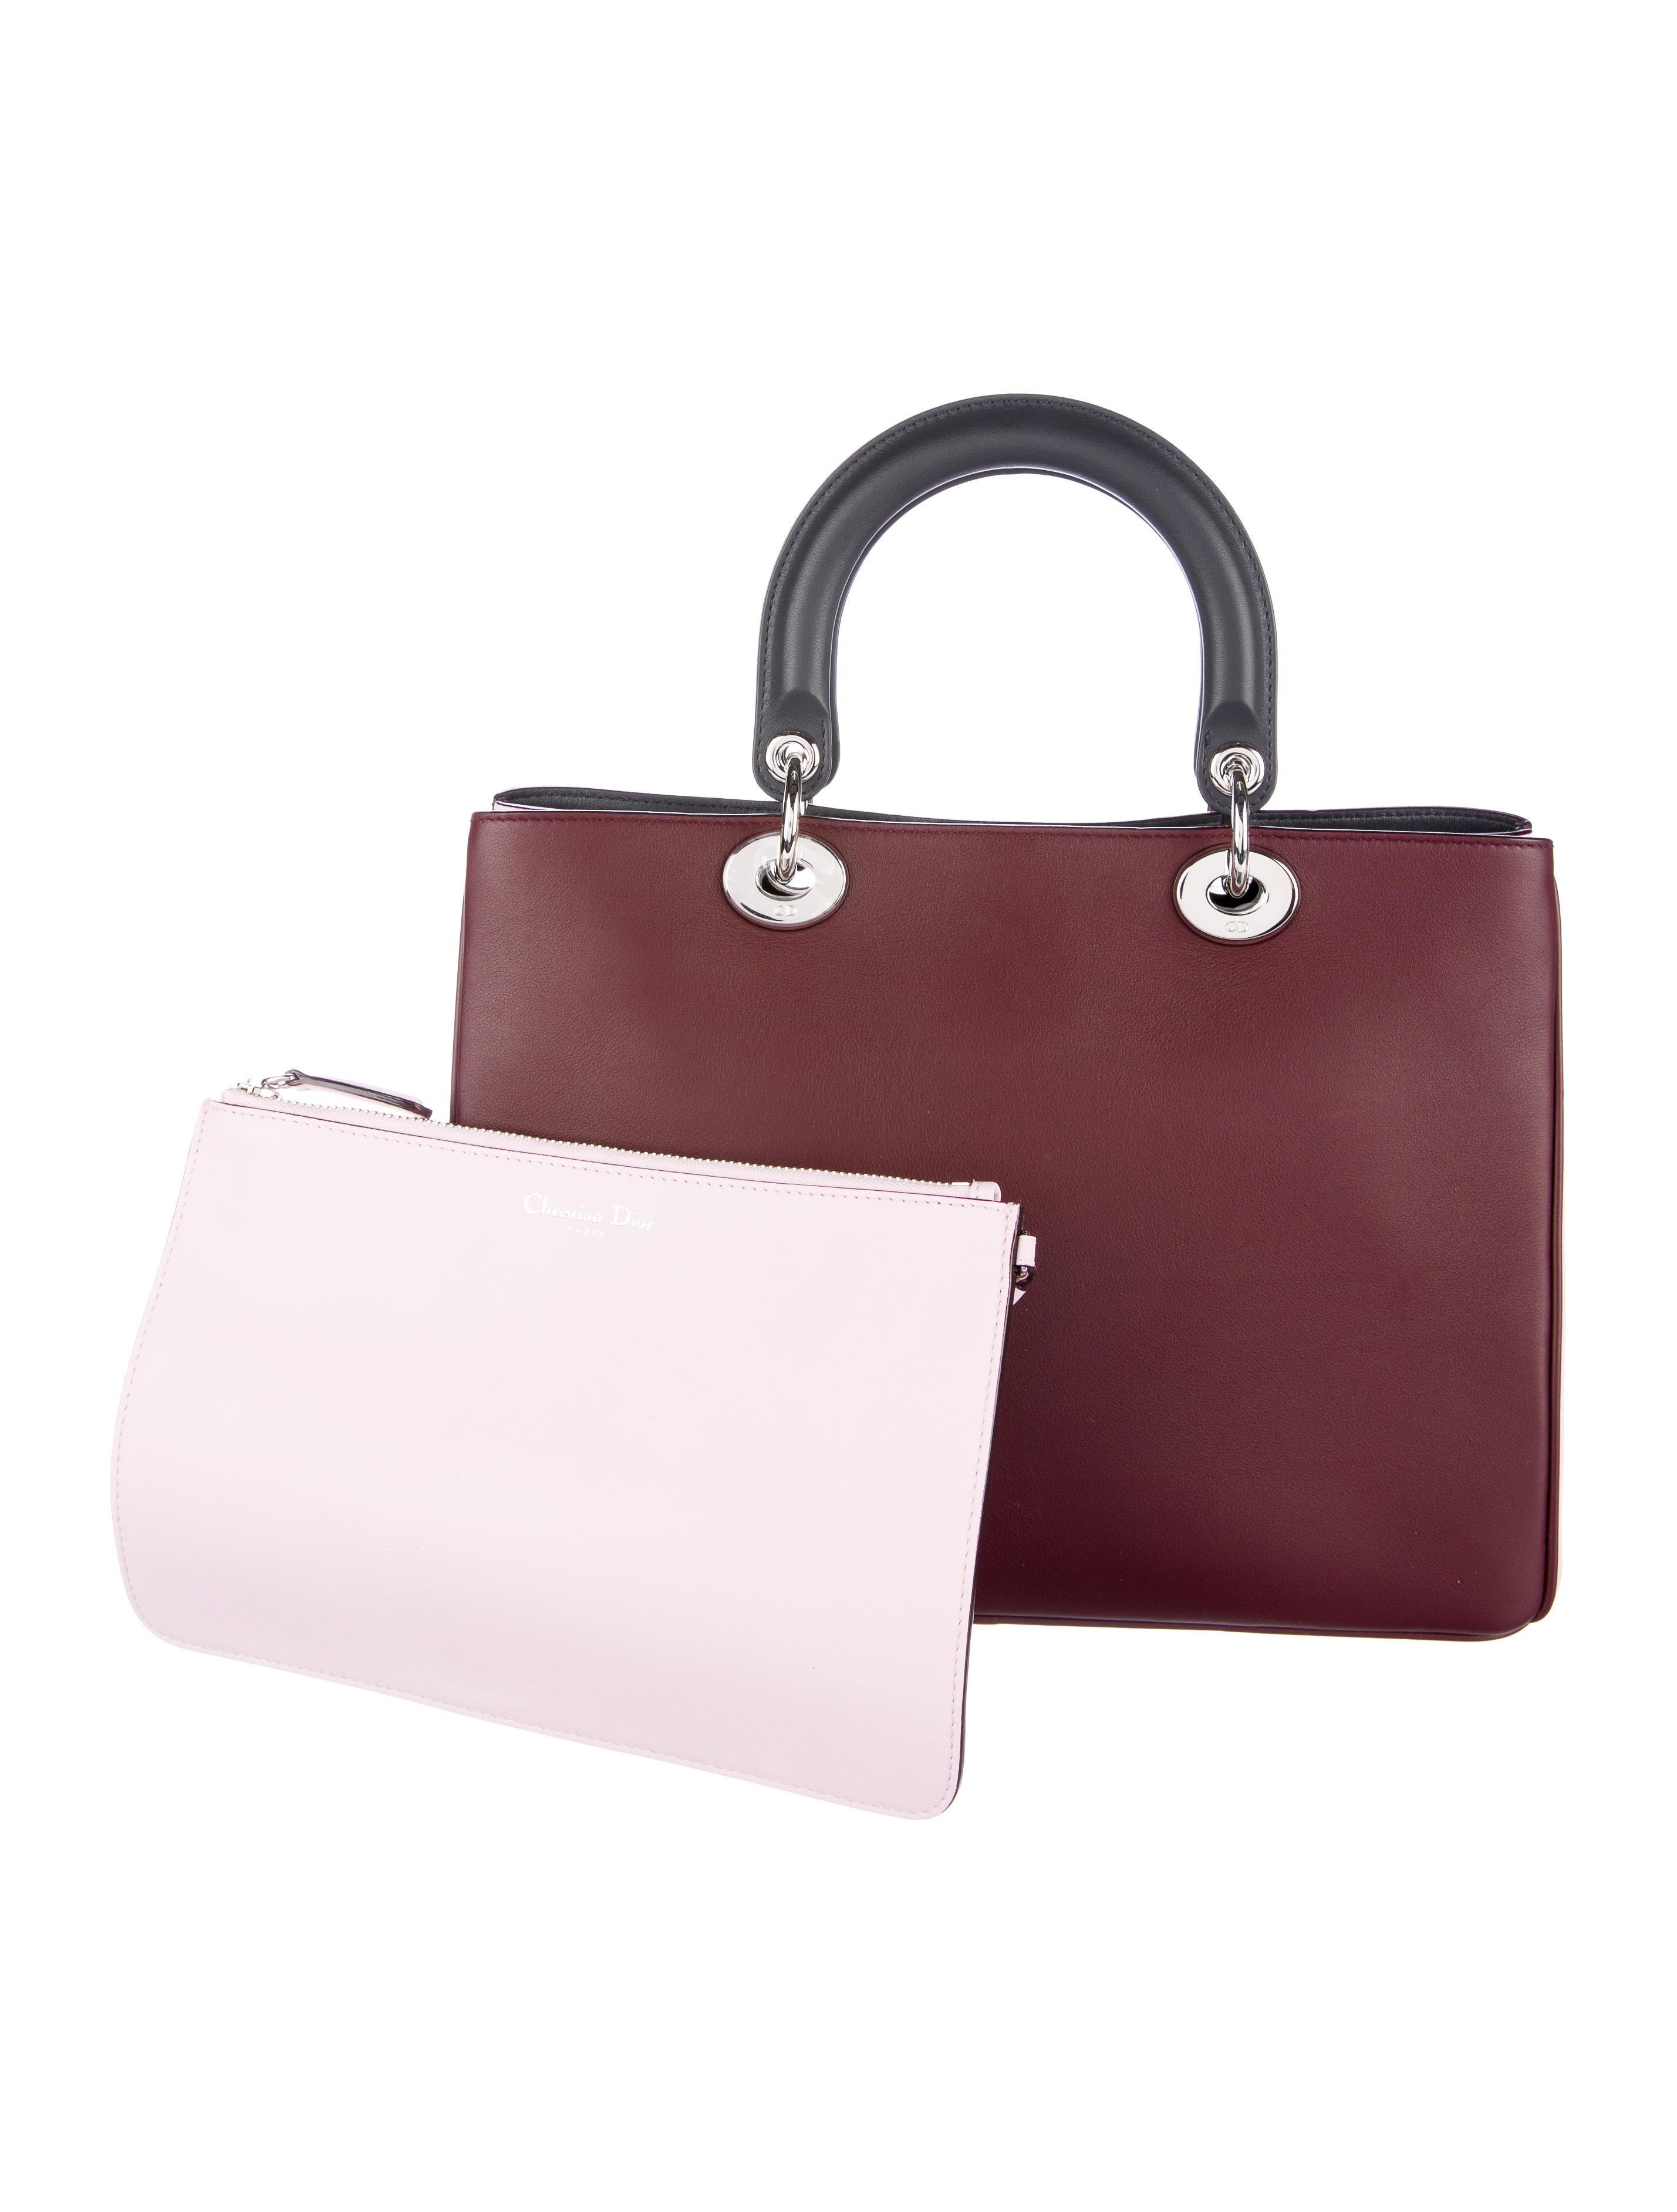 Christian Dior Medium Diorissimo Bag - Handbags - CHR52488 ...